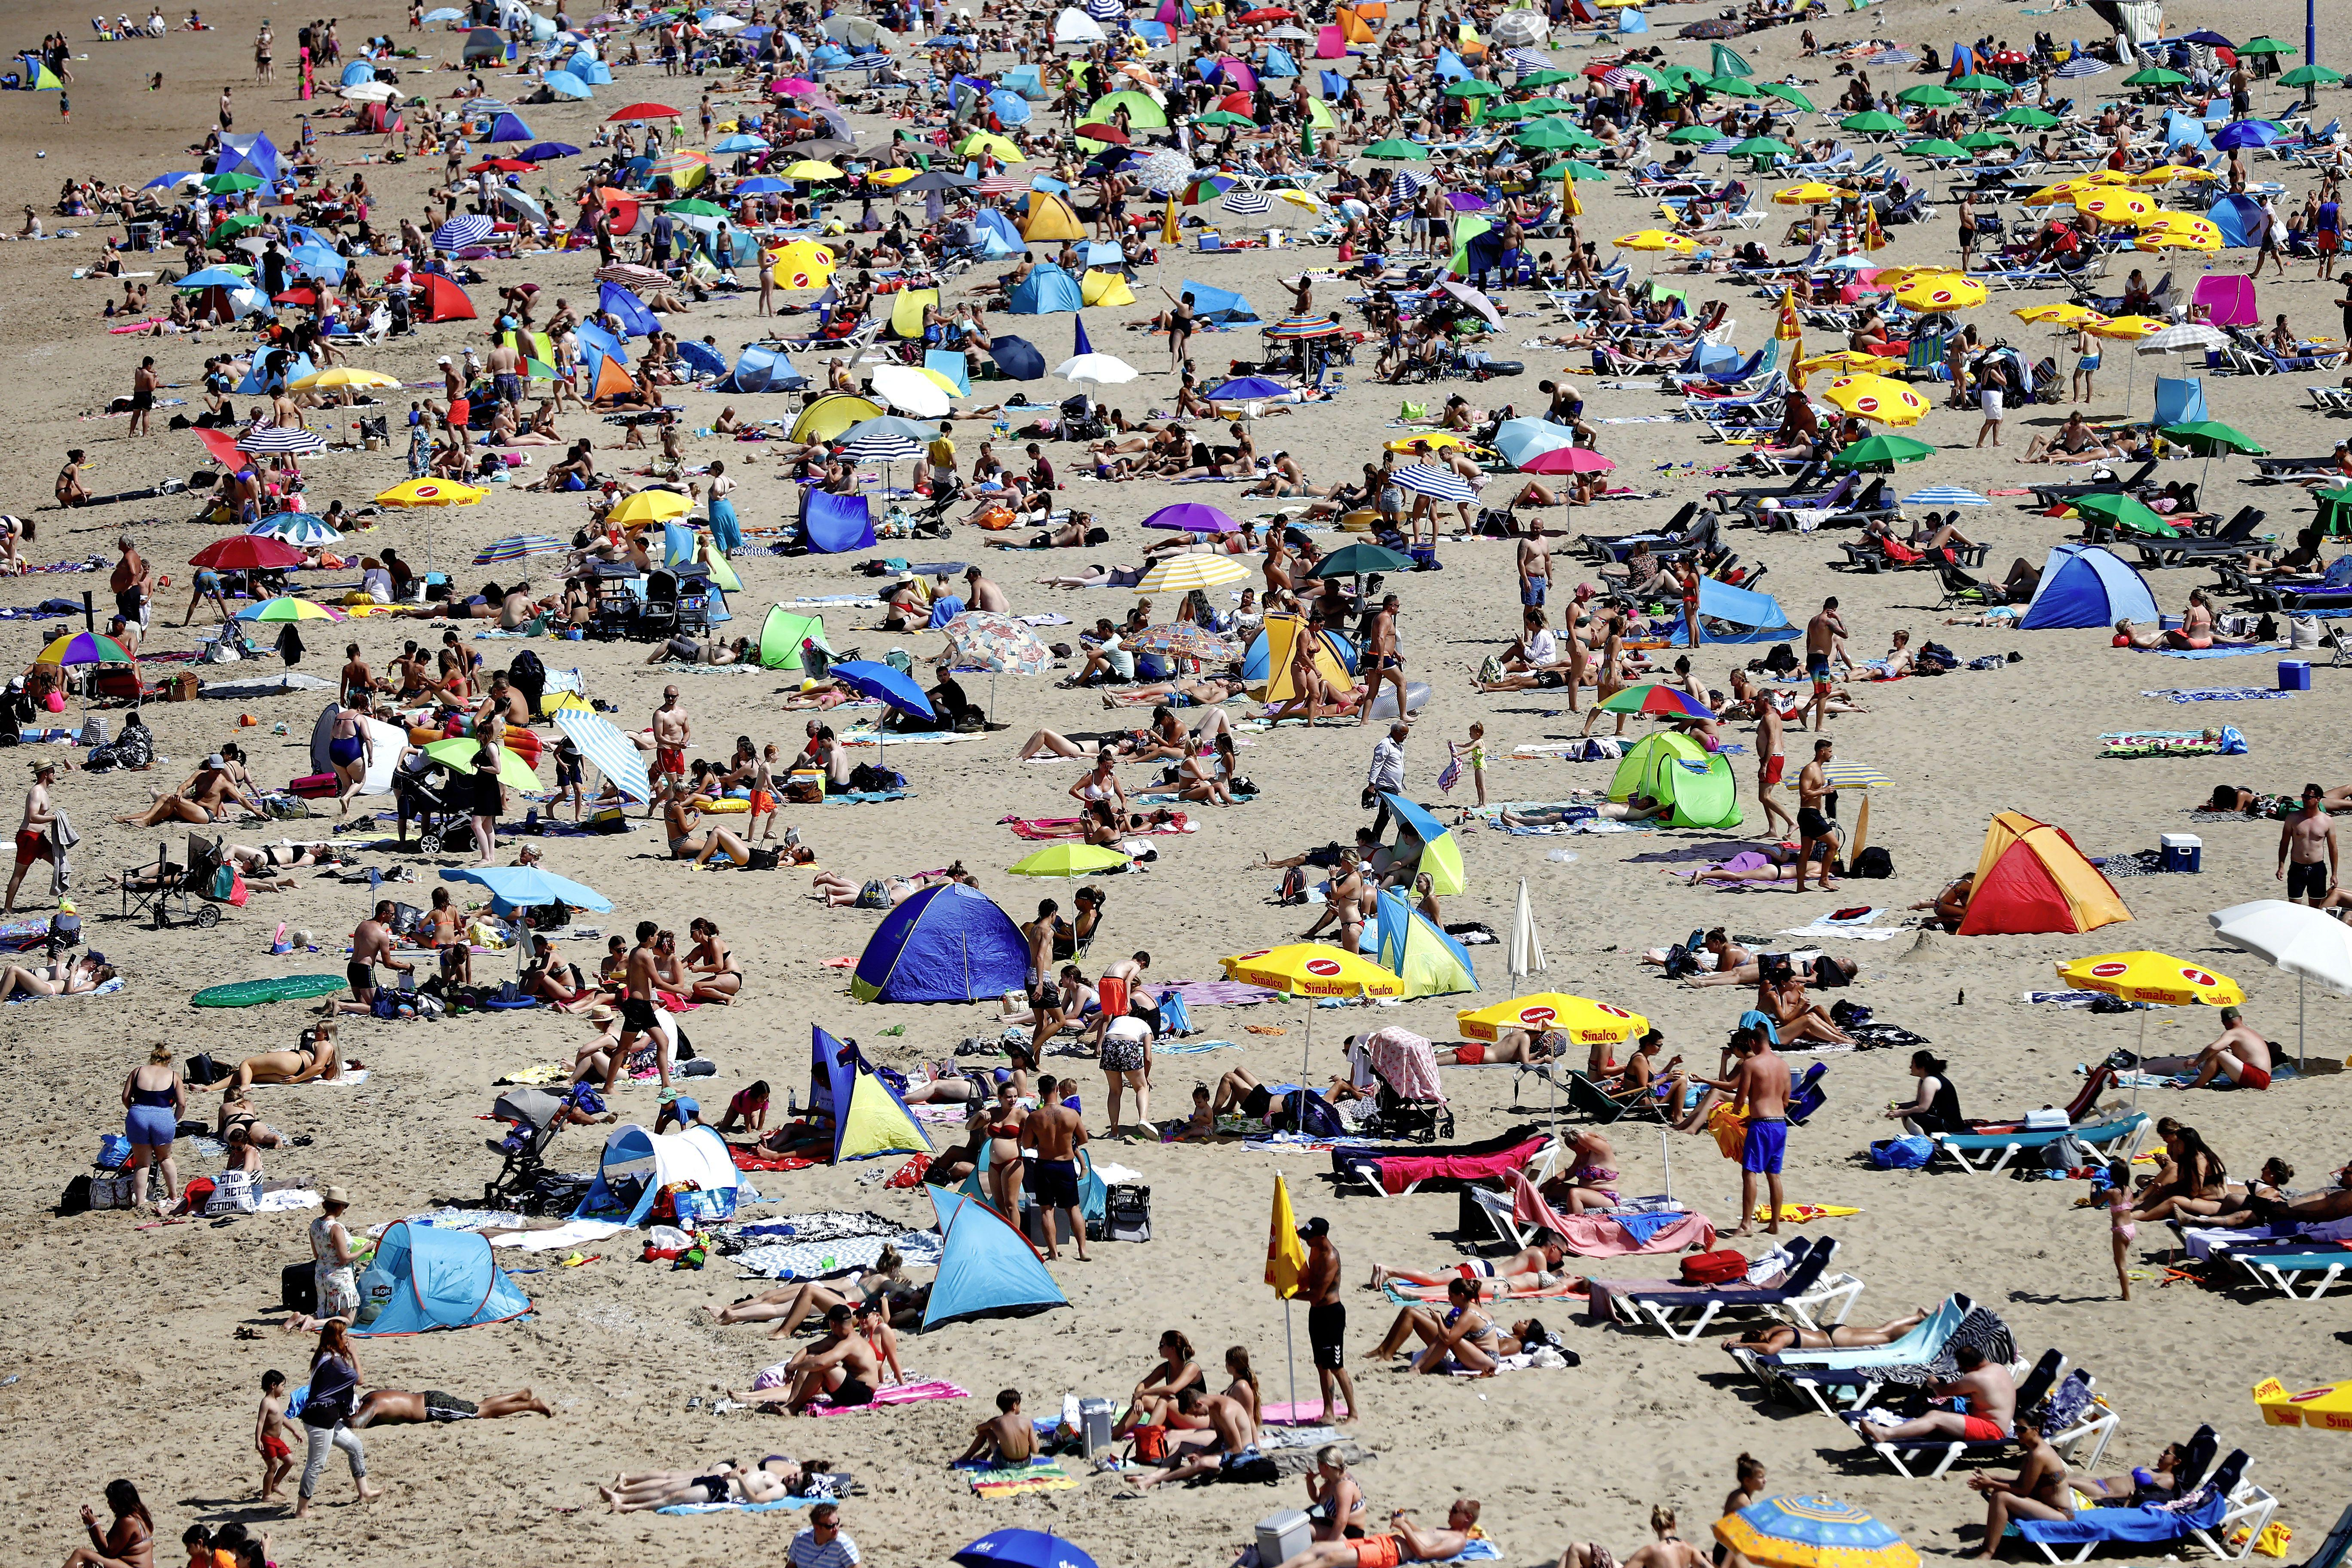 Irritaties over treiterjeugd op het Zandvoortse strand laaien weer op. 'Maar mensen melden overlast vaak niet'